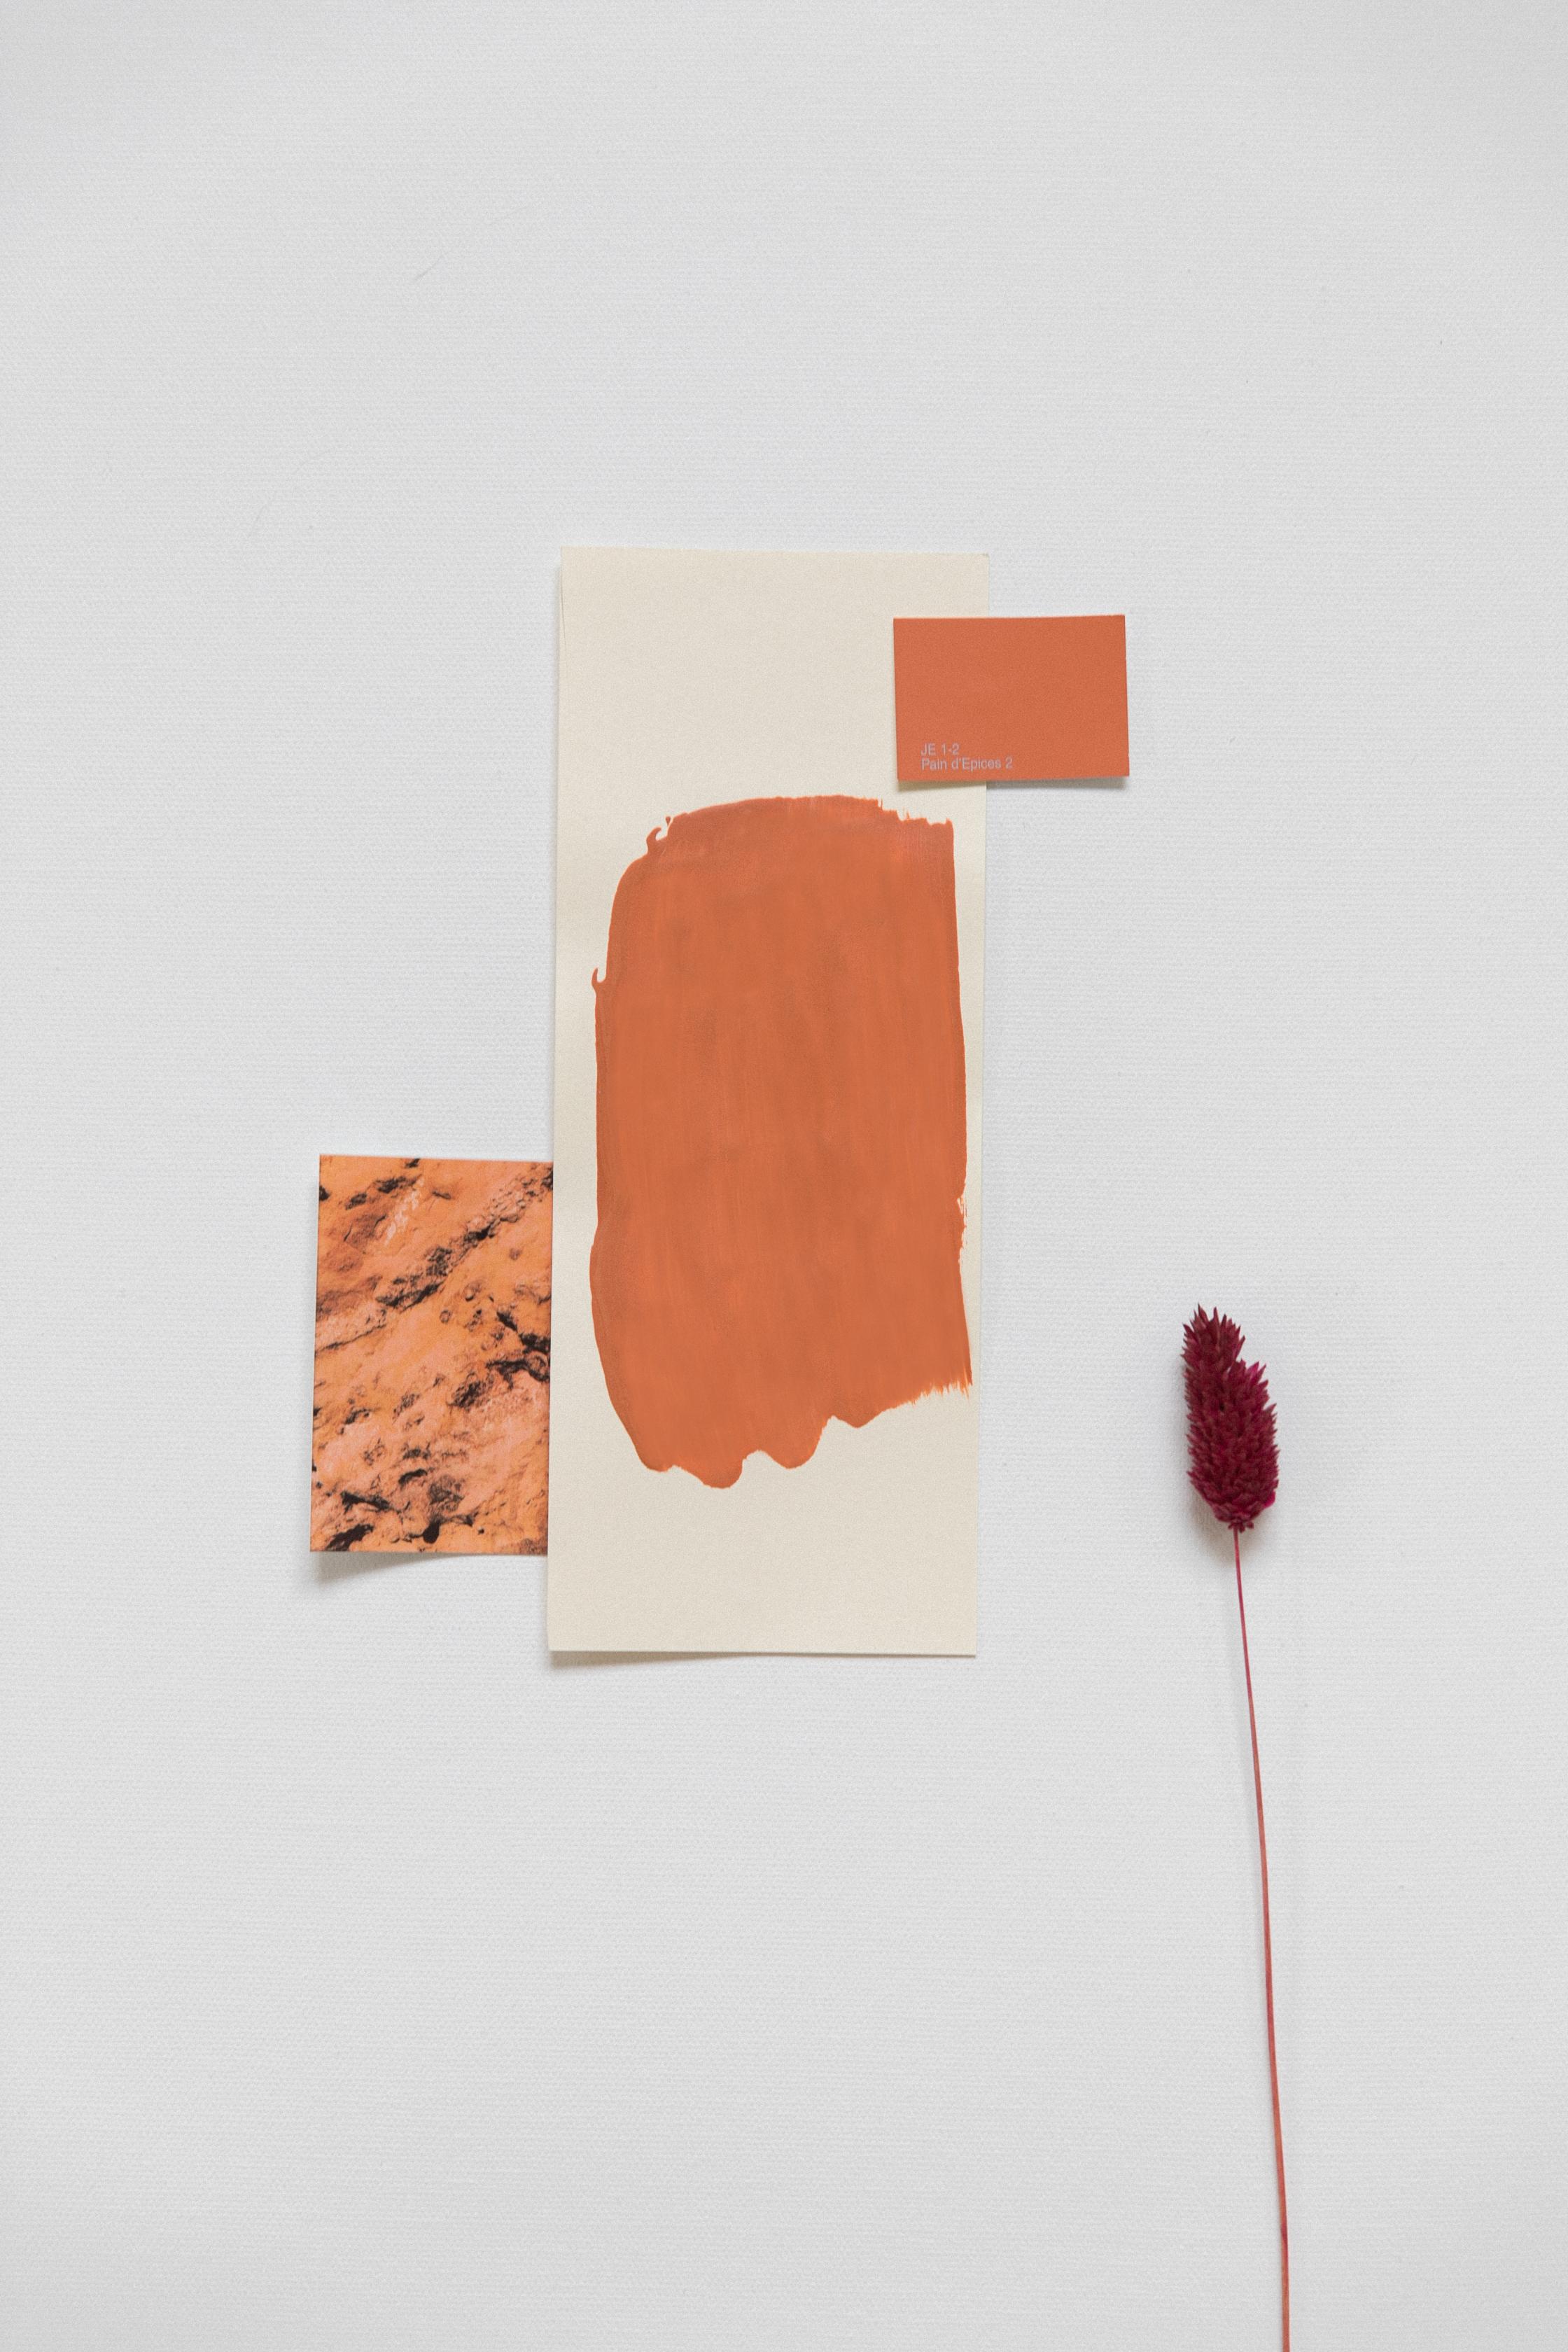 collection capsule sunset à biarritz peinture avec hypnotik-15